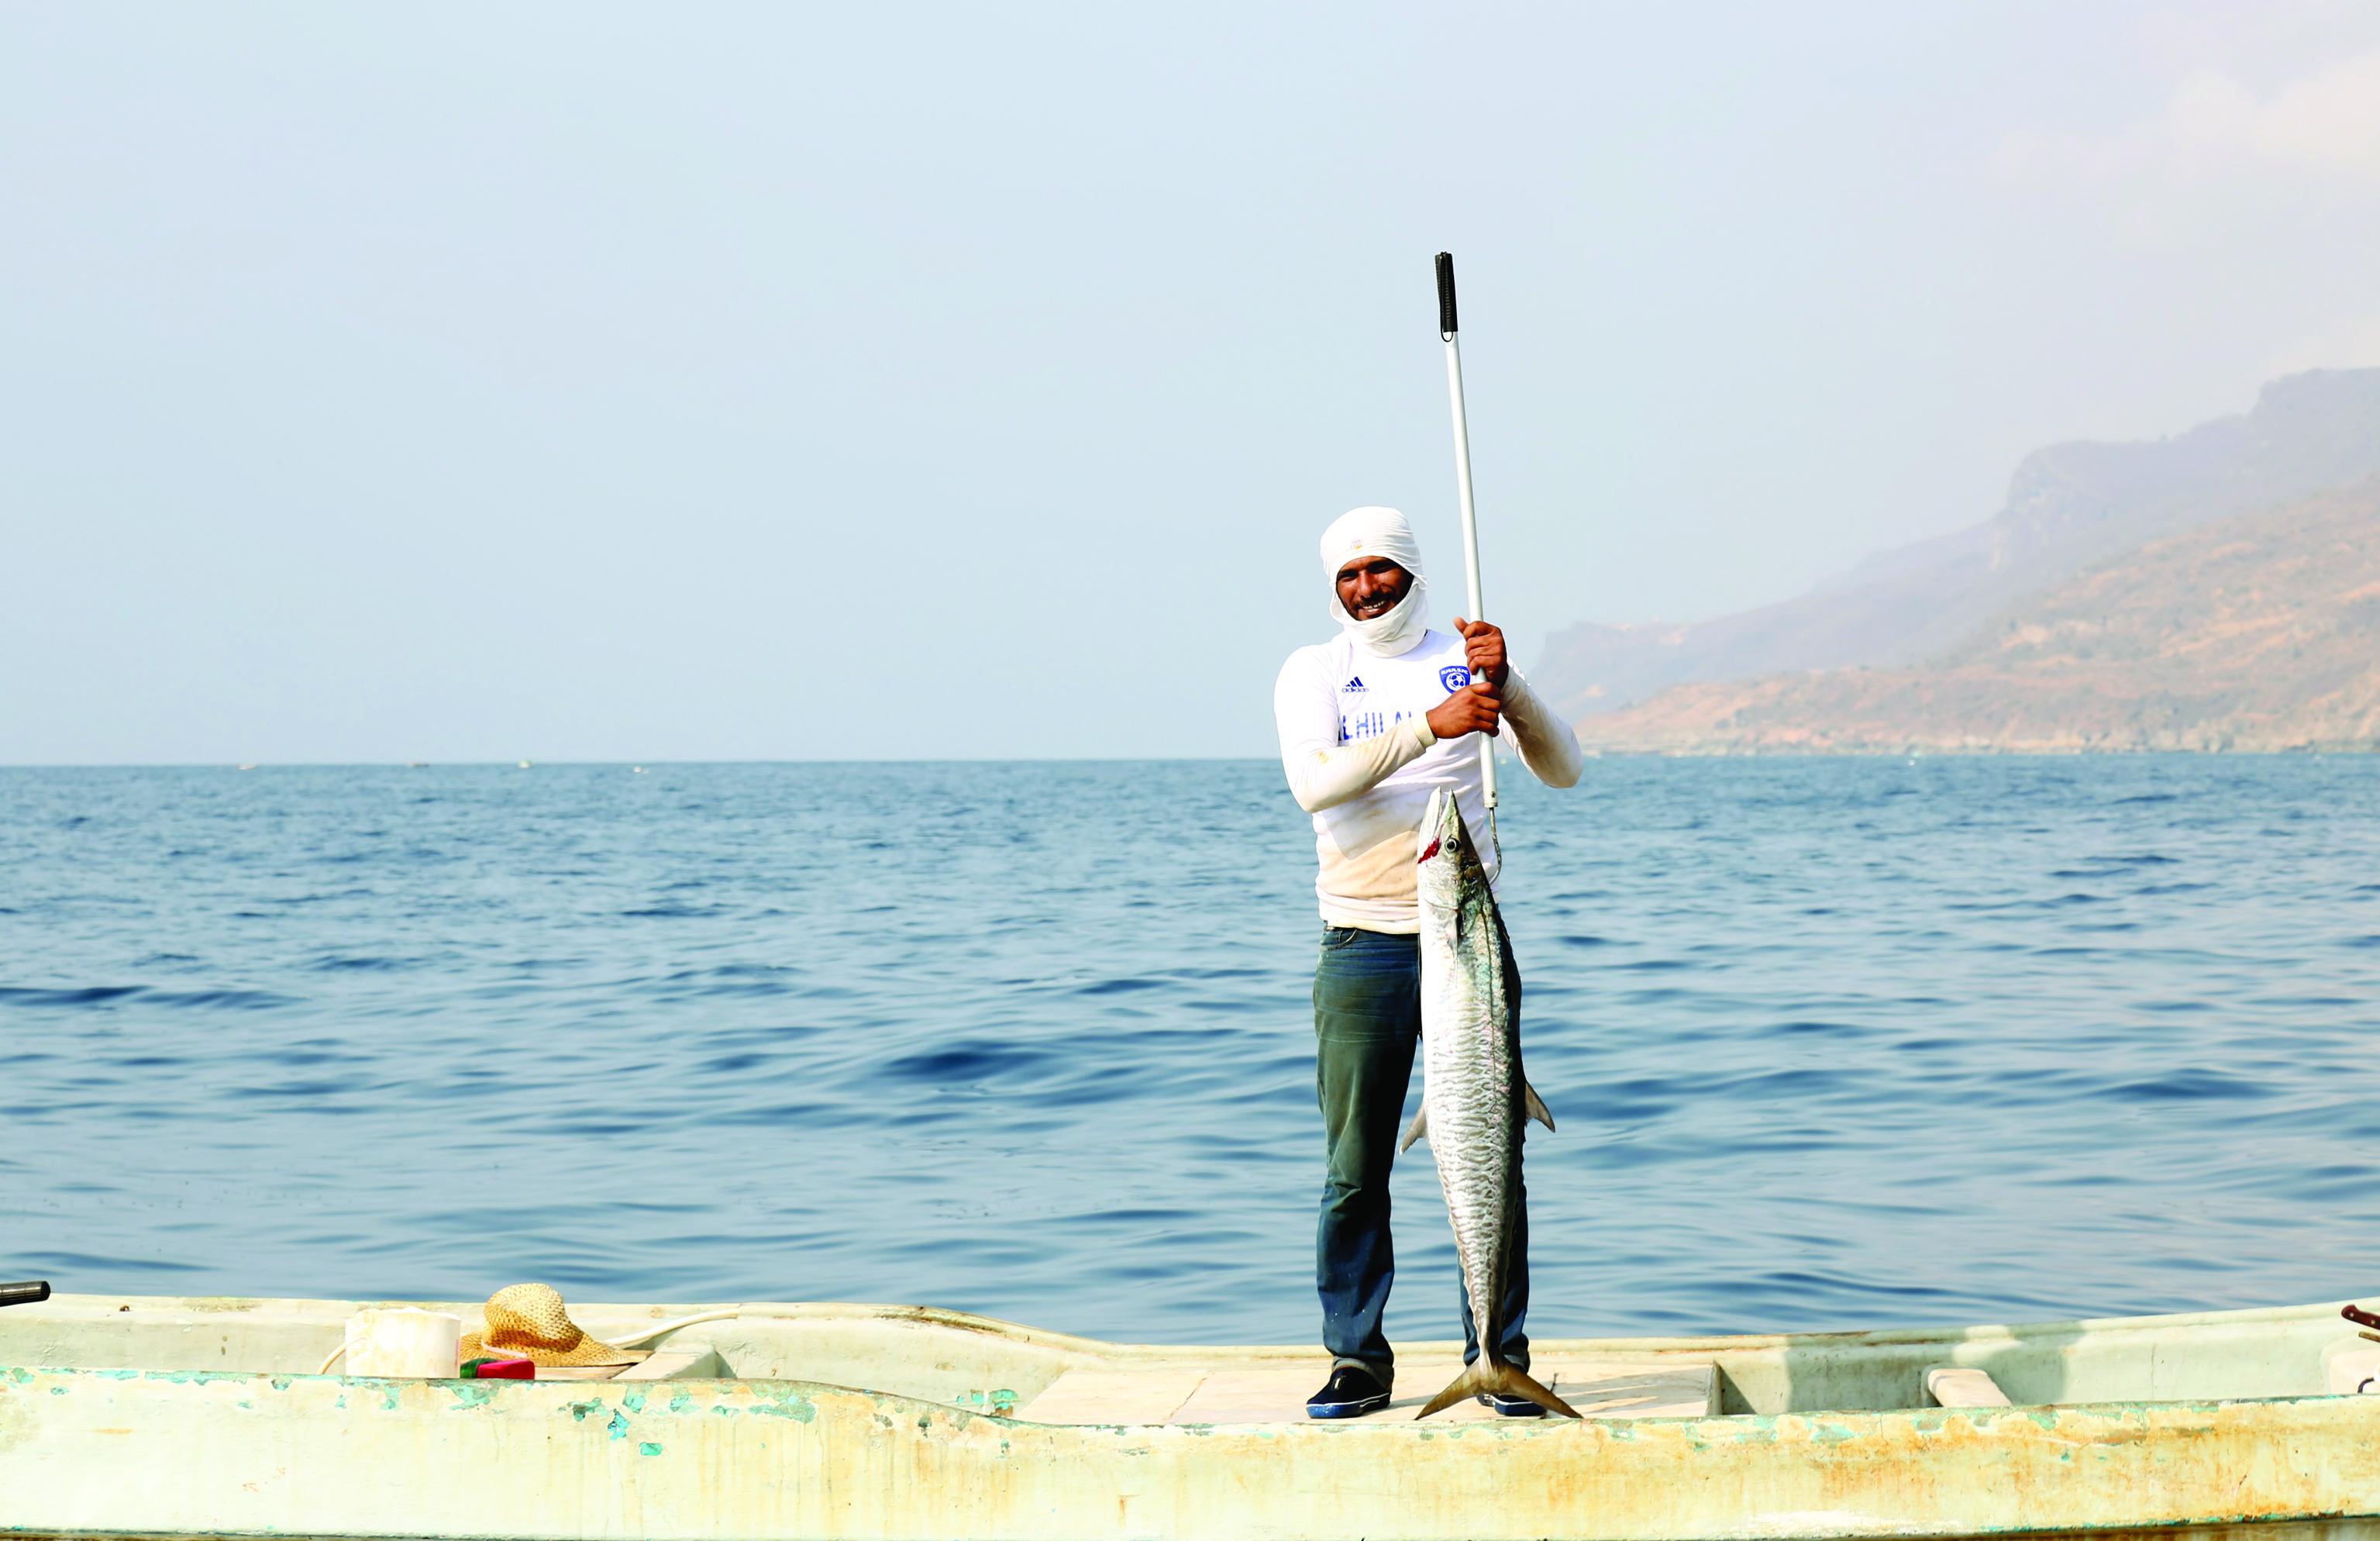 صيد الكنعد ممنوع ابتداءً من 15 أغسطس